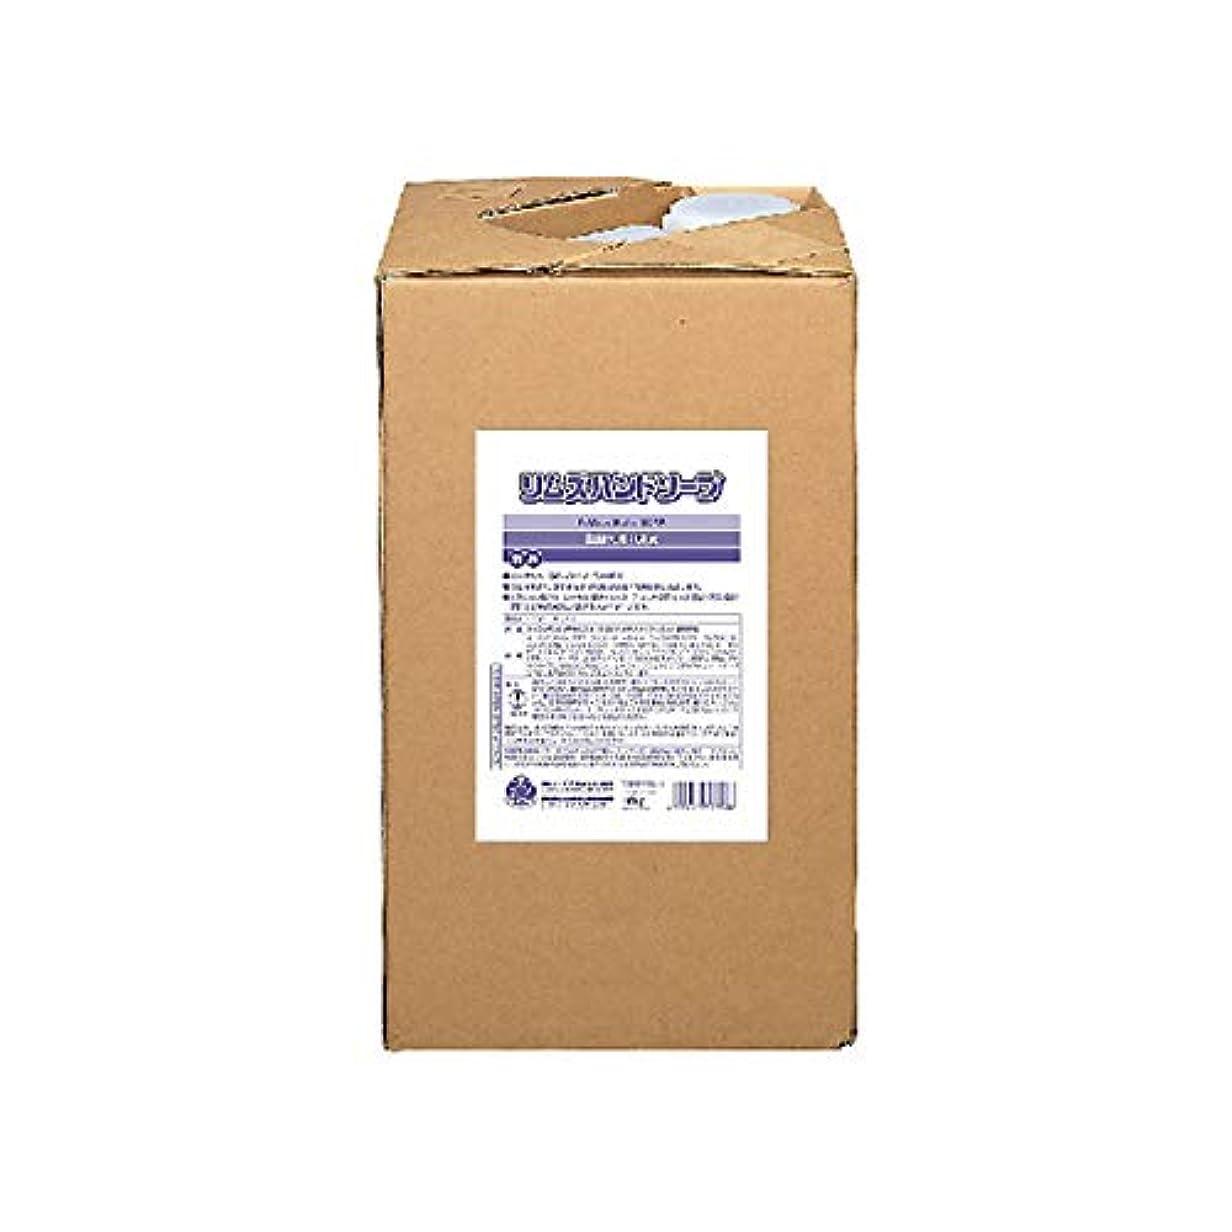 好意詳細なエイリアスイチネンケミカルズ:リムズハンドソープ 詰替用 16kg 518